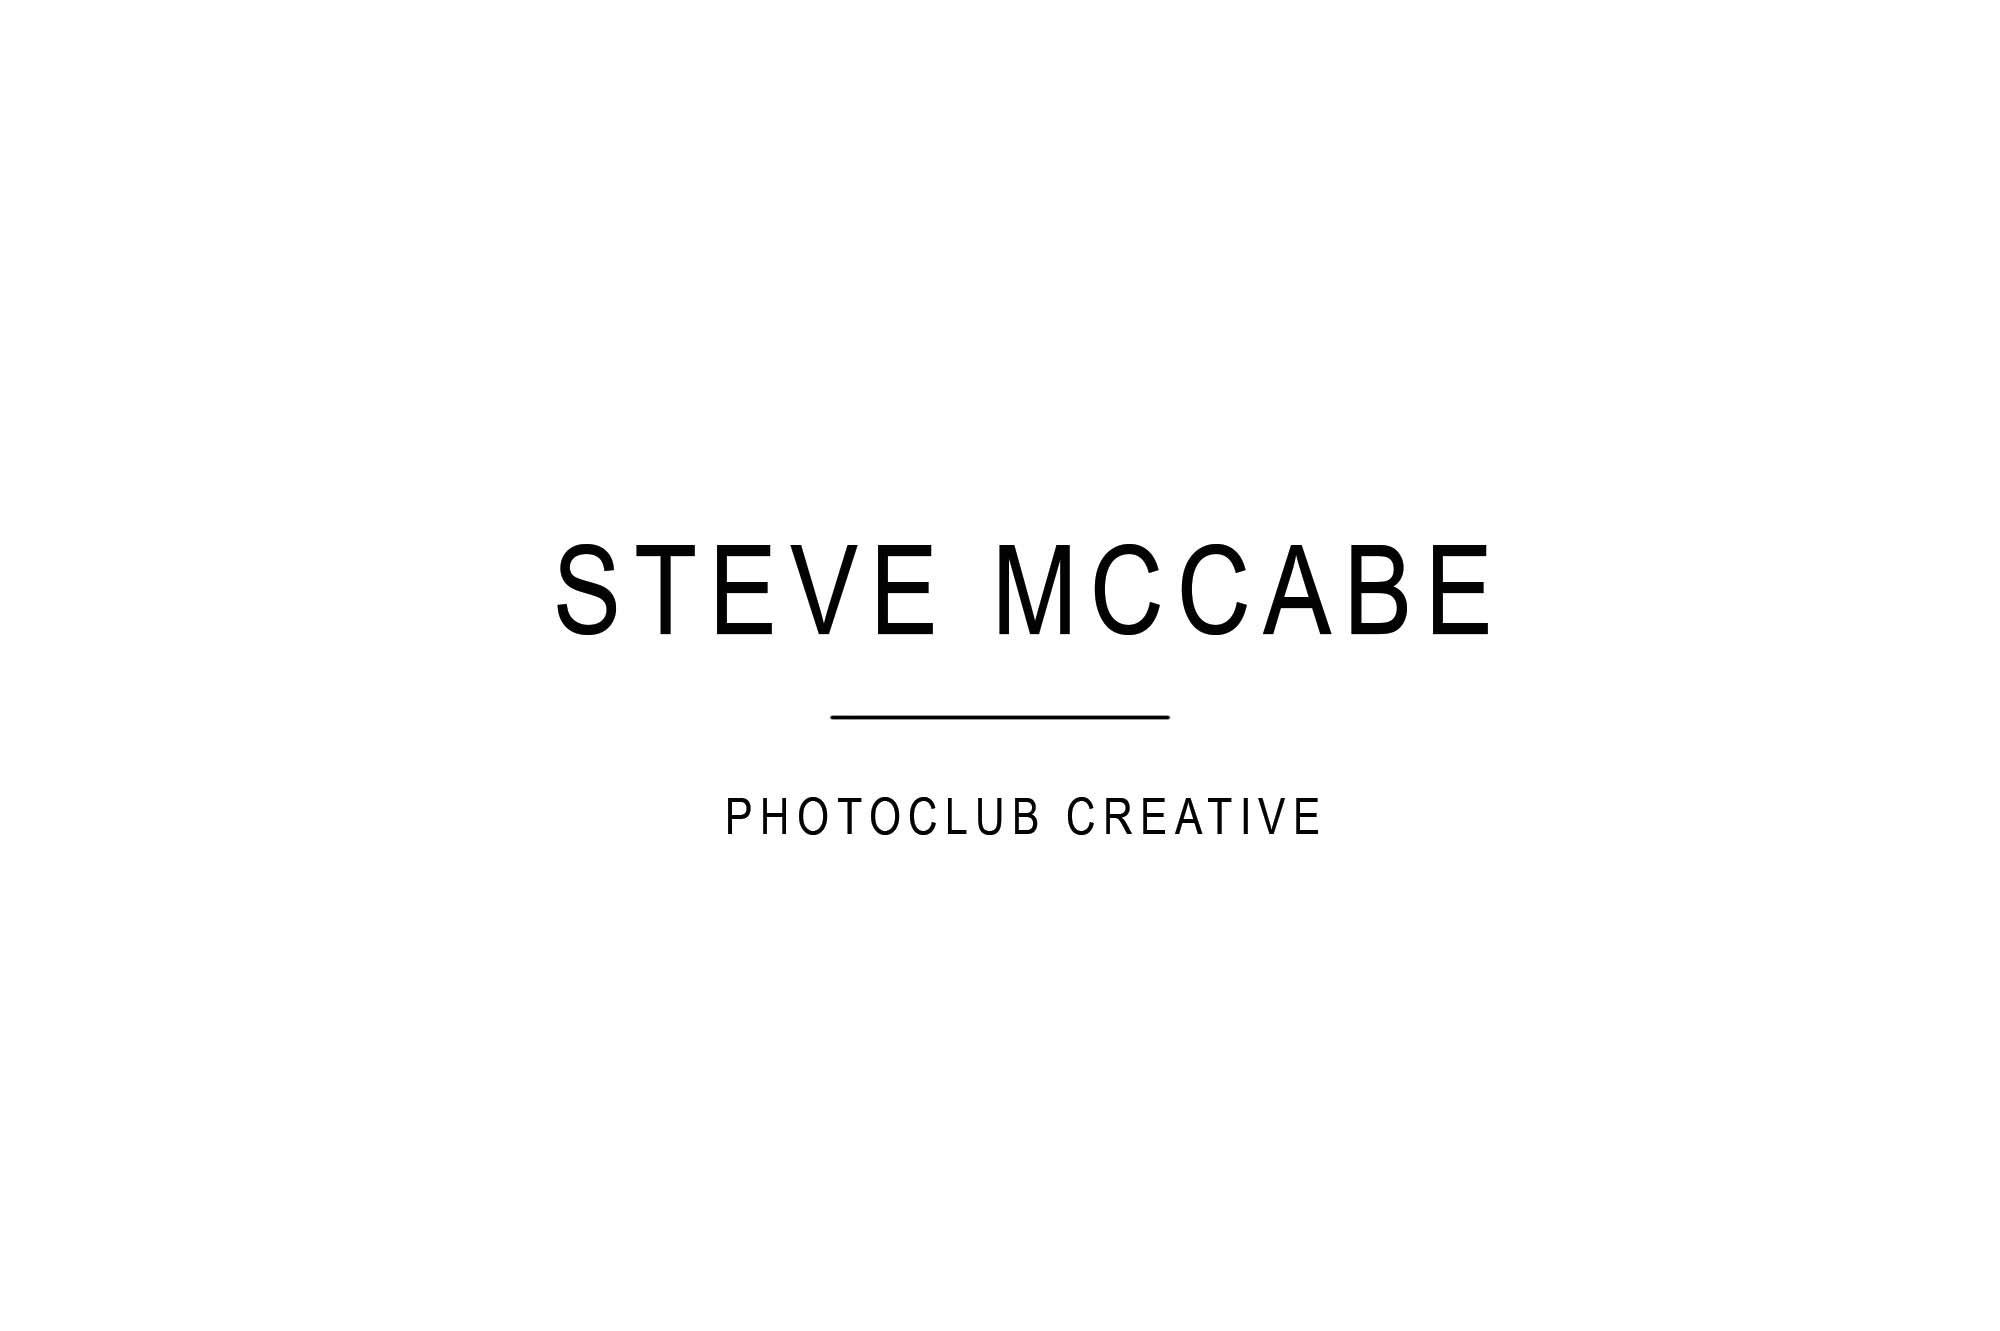 SteveMcCabe_00_Title_WhtBg.jpg